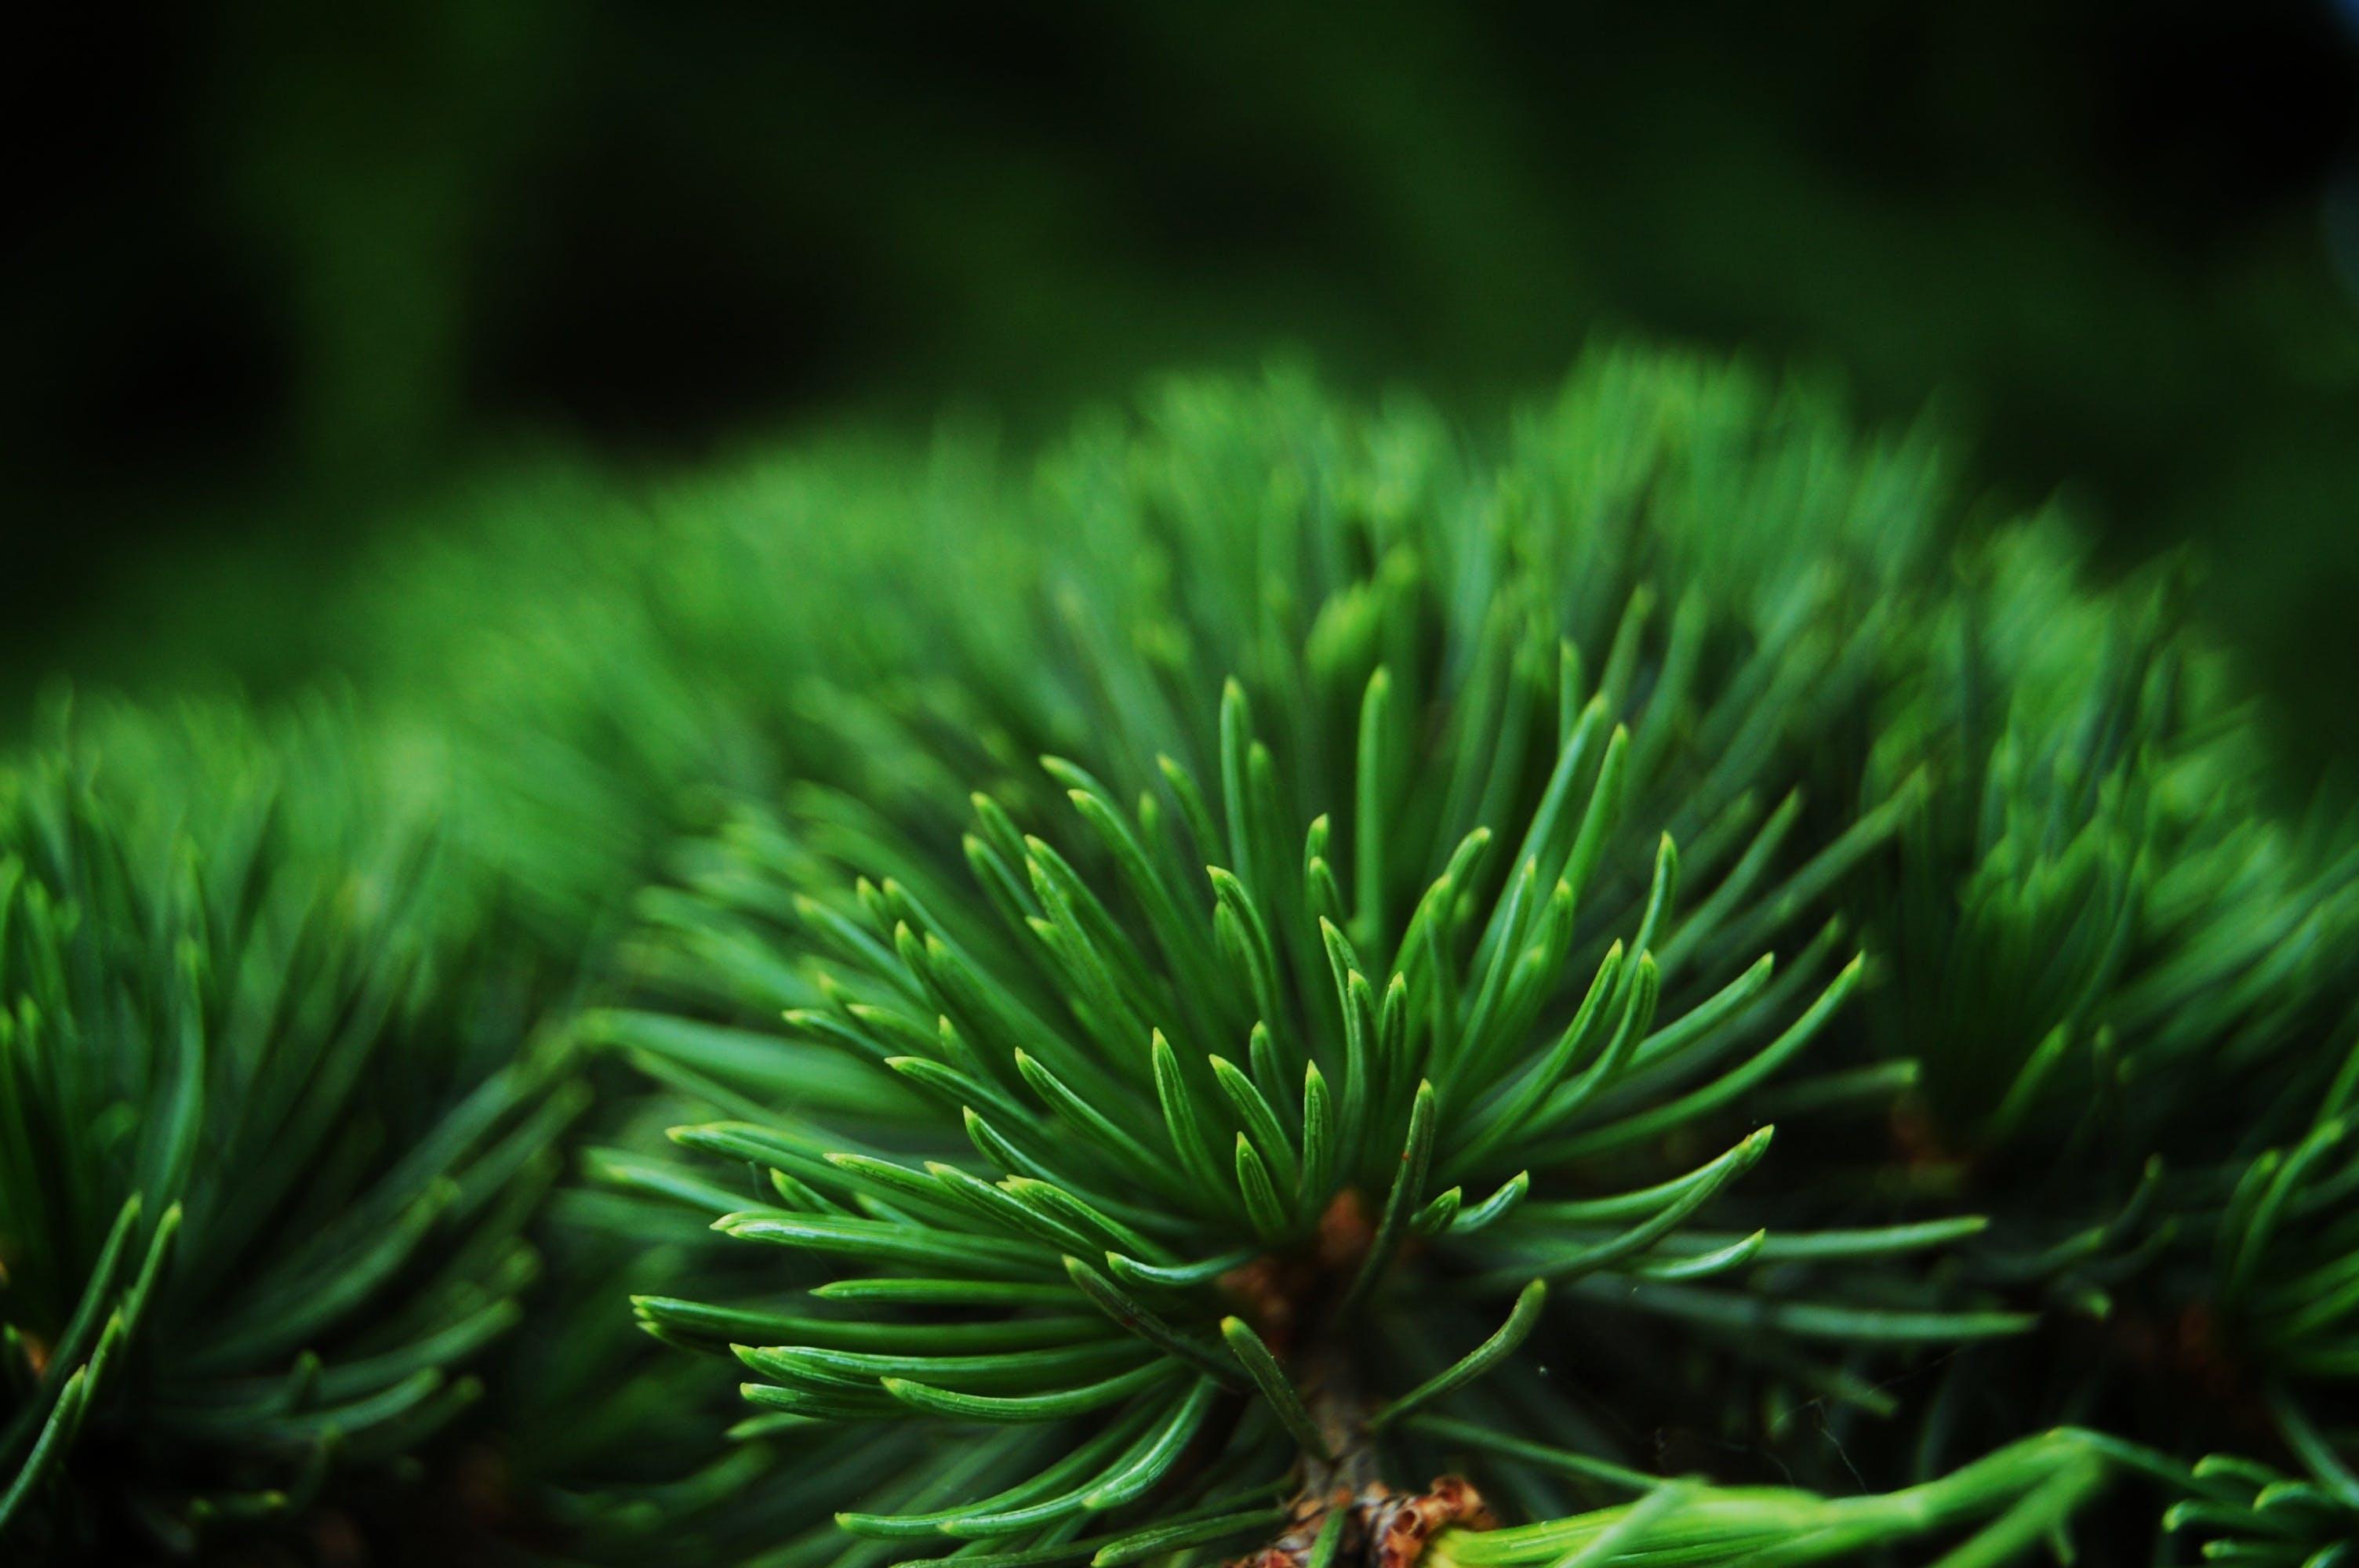 Základová fotografie zdarma na téma hloubka ostrosti, rostlina, zblízka, zelená